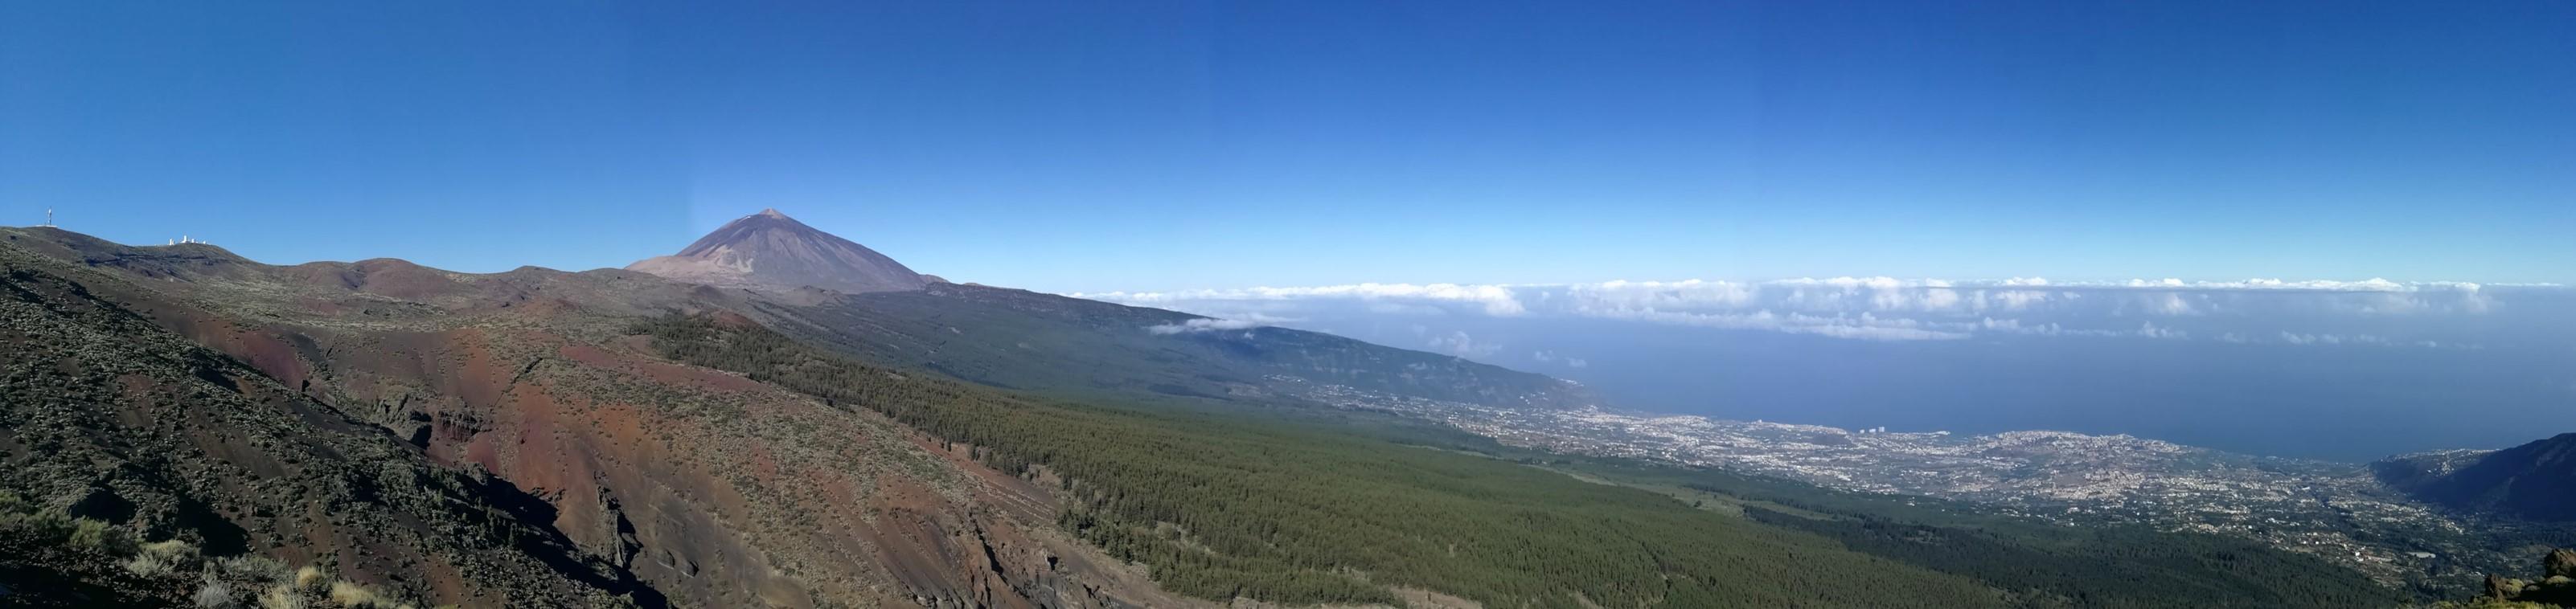 Tenerife: een veelzijdig eiland